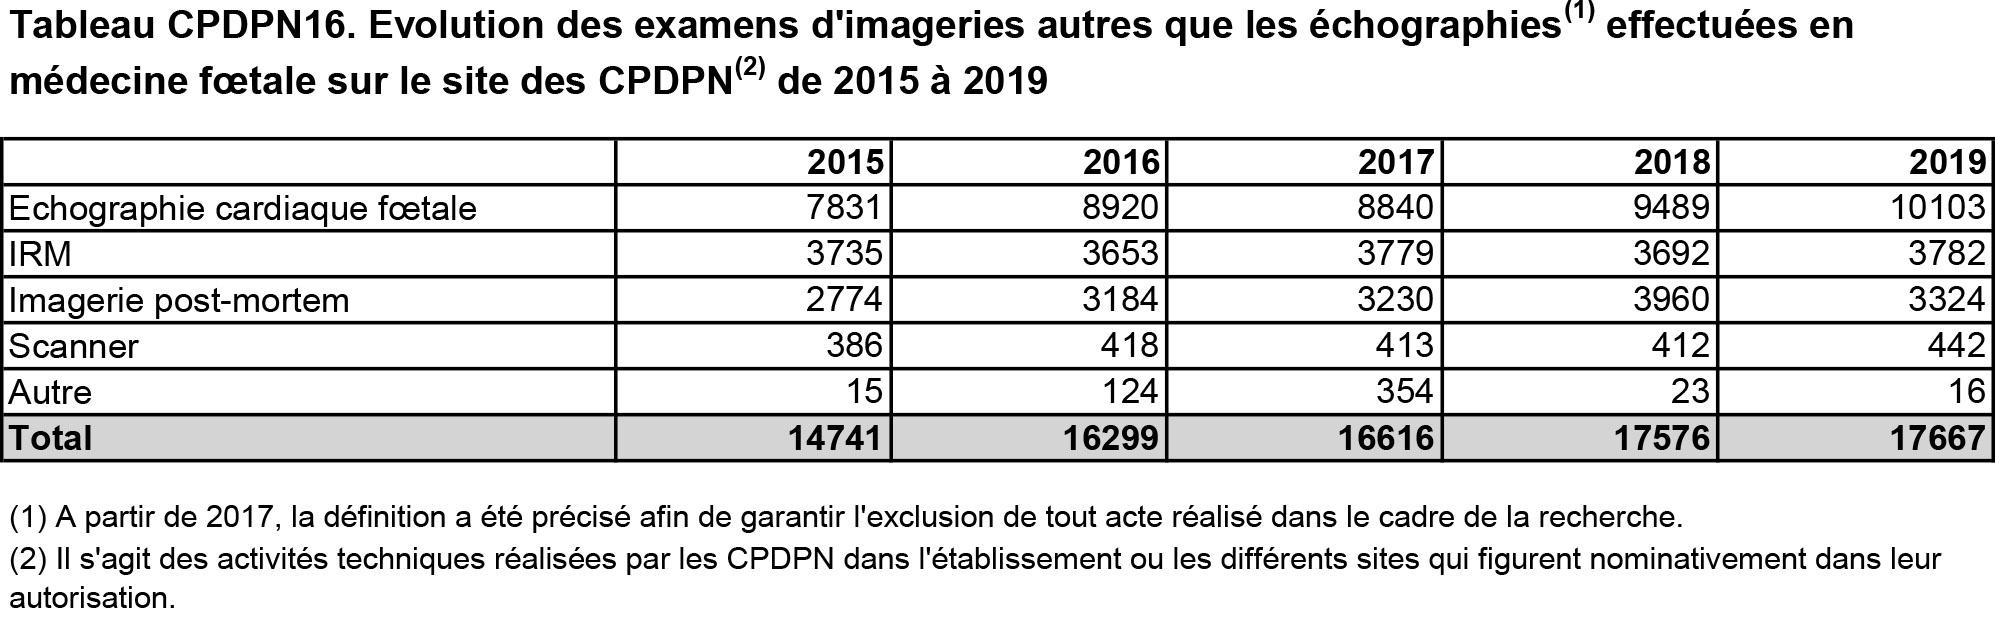 Tableau CPDPN16